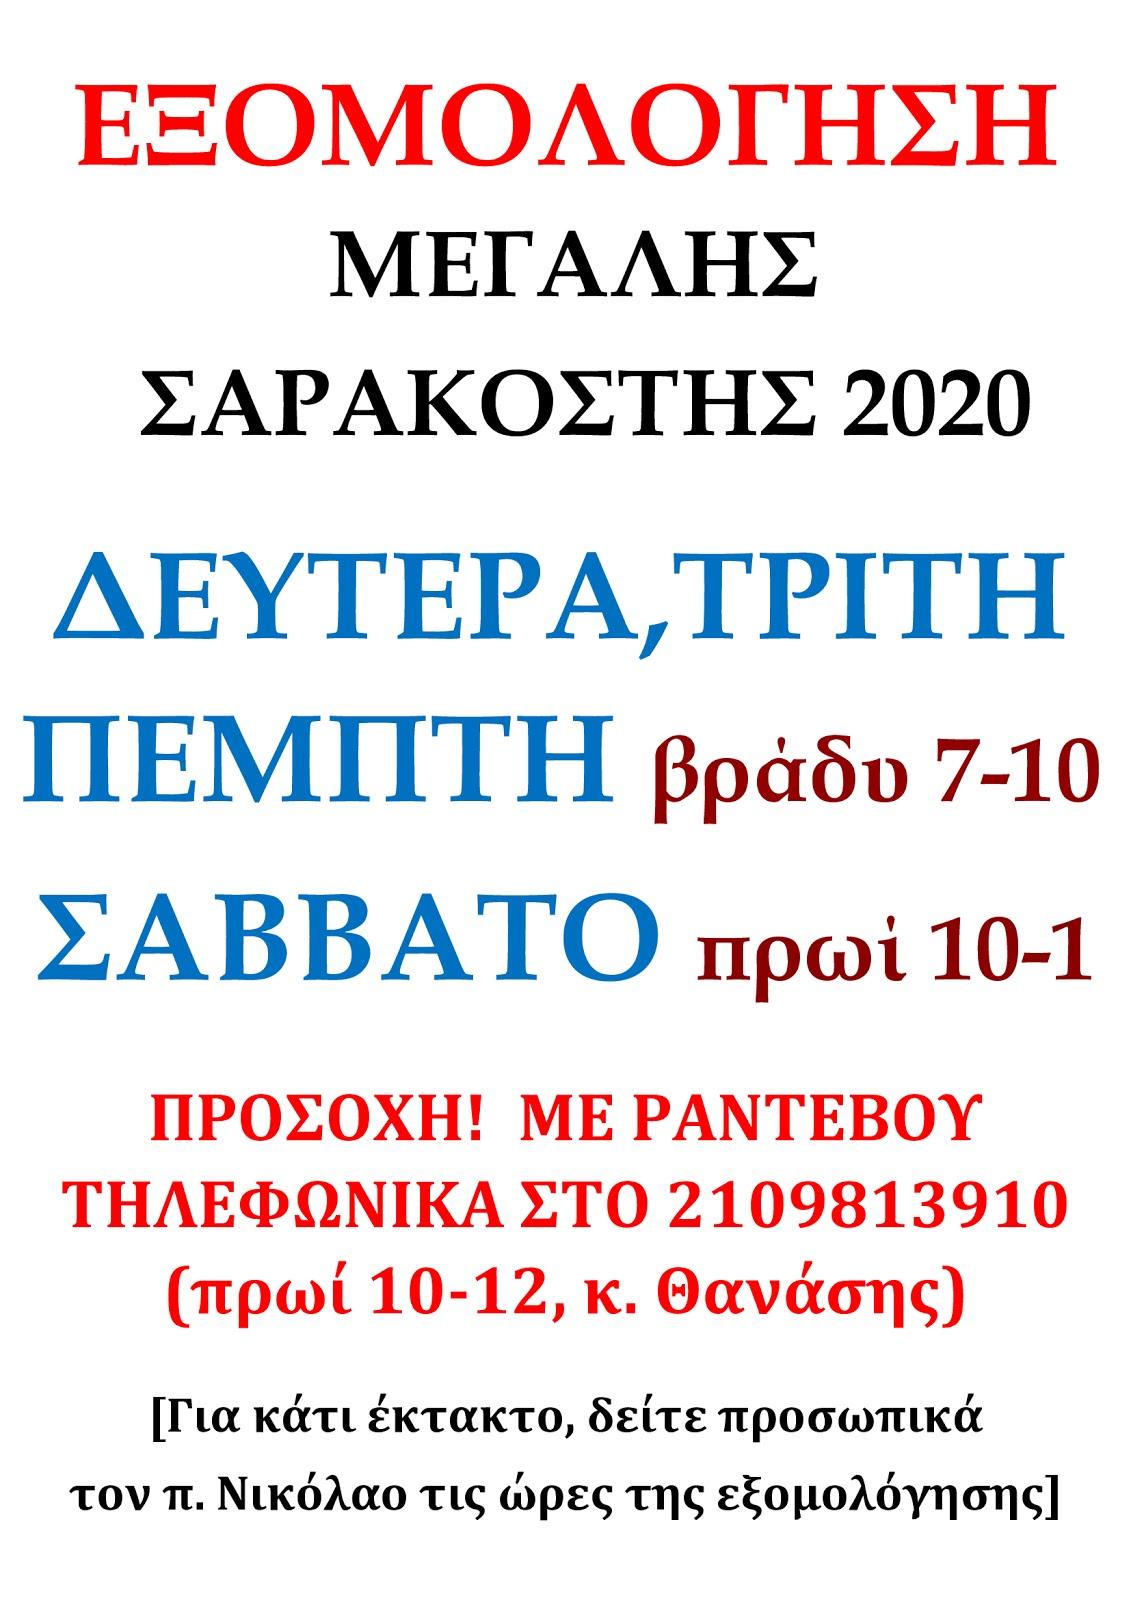 ΕΞΟΜΟΛΟΓΗΣΗ ΜΕΓΑΛΗΣ ΣΑΡΑΚΟΣΤΗΣ